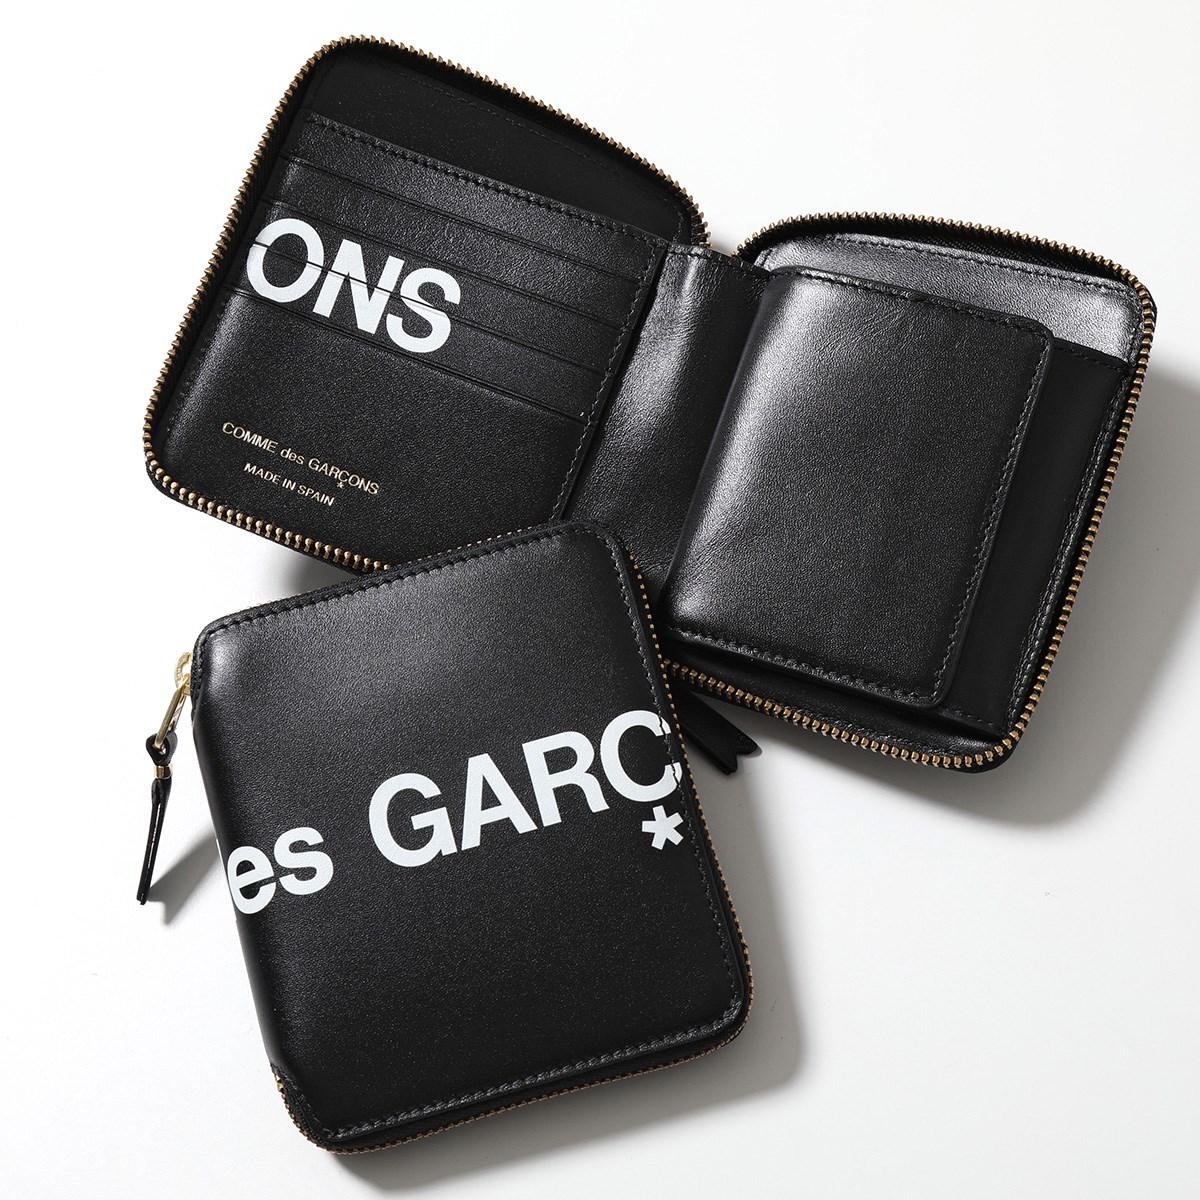 COMME des GARCONS コムデギャルソン SA2100HL HUGE LOGO レザー 二つ折り財布 ミディアム スモール財布 BLACK メンズ